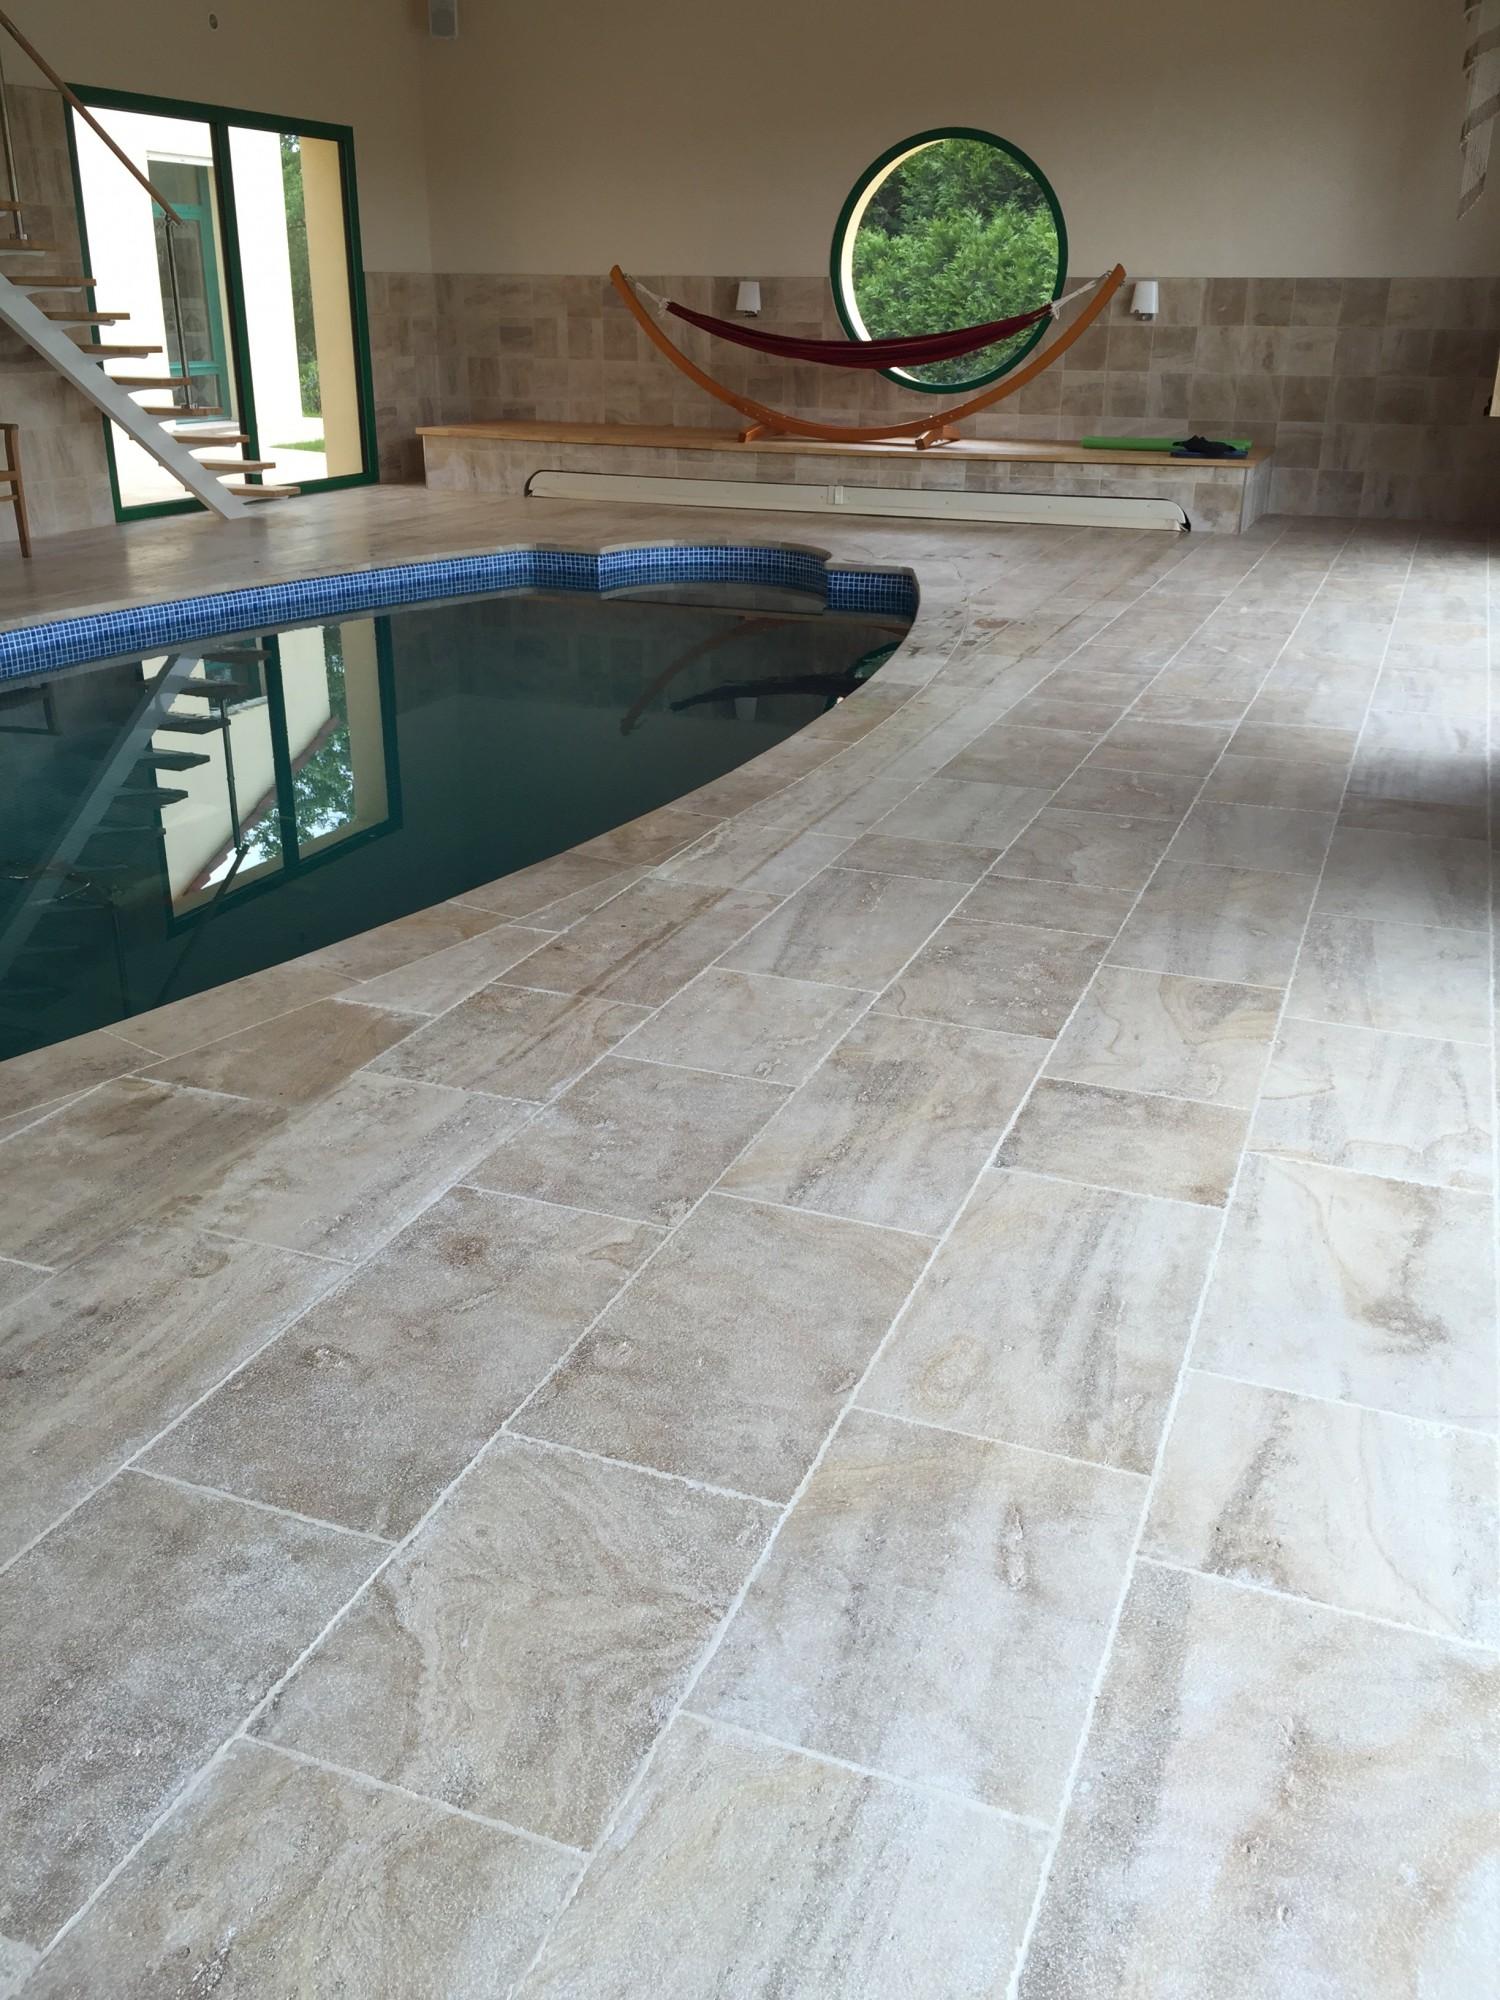 Pierre pour terrasse ext rieure plage de piscine carrelage et margelle de piscine - Dalle d emmarchement ...